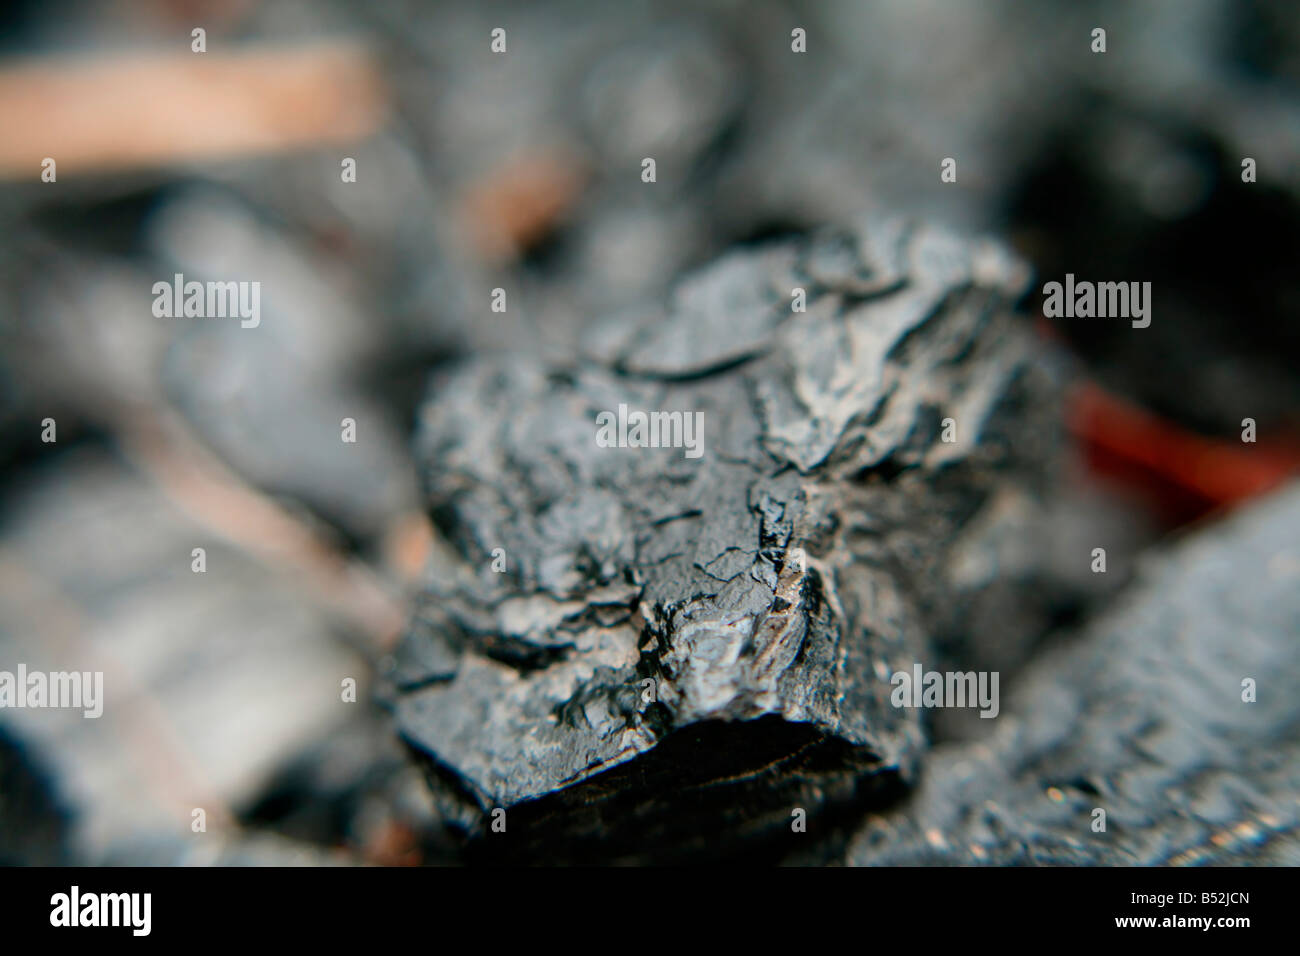 Coal Liquefaction Stock Photos & Coal Liquefaction Stock Images - Alamy